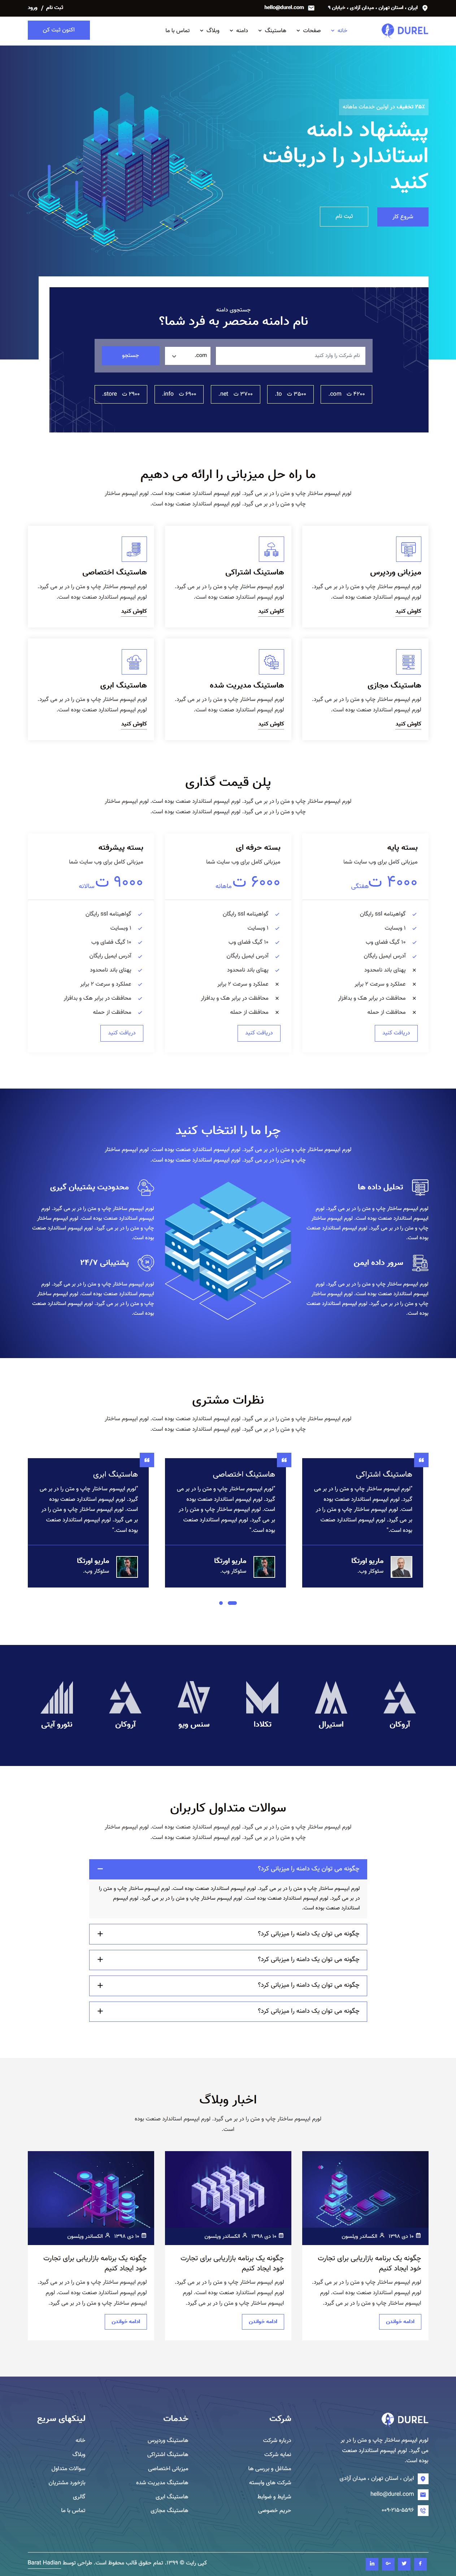 پوسته HTML شرکتی خدمات هاستینگ و ثبت دامنه دورل